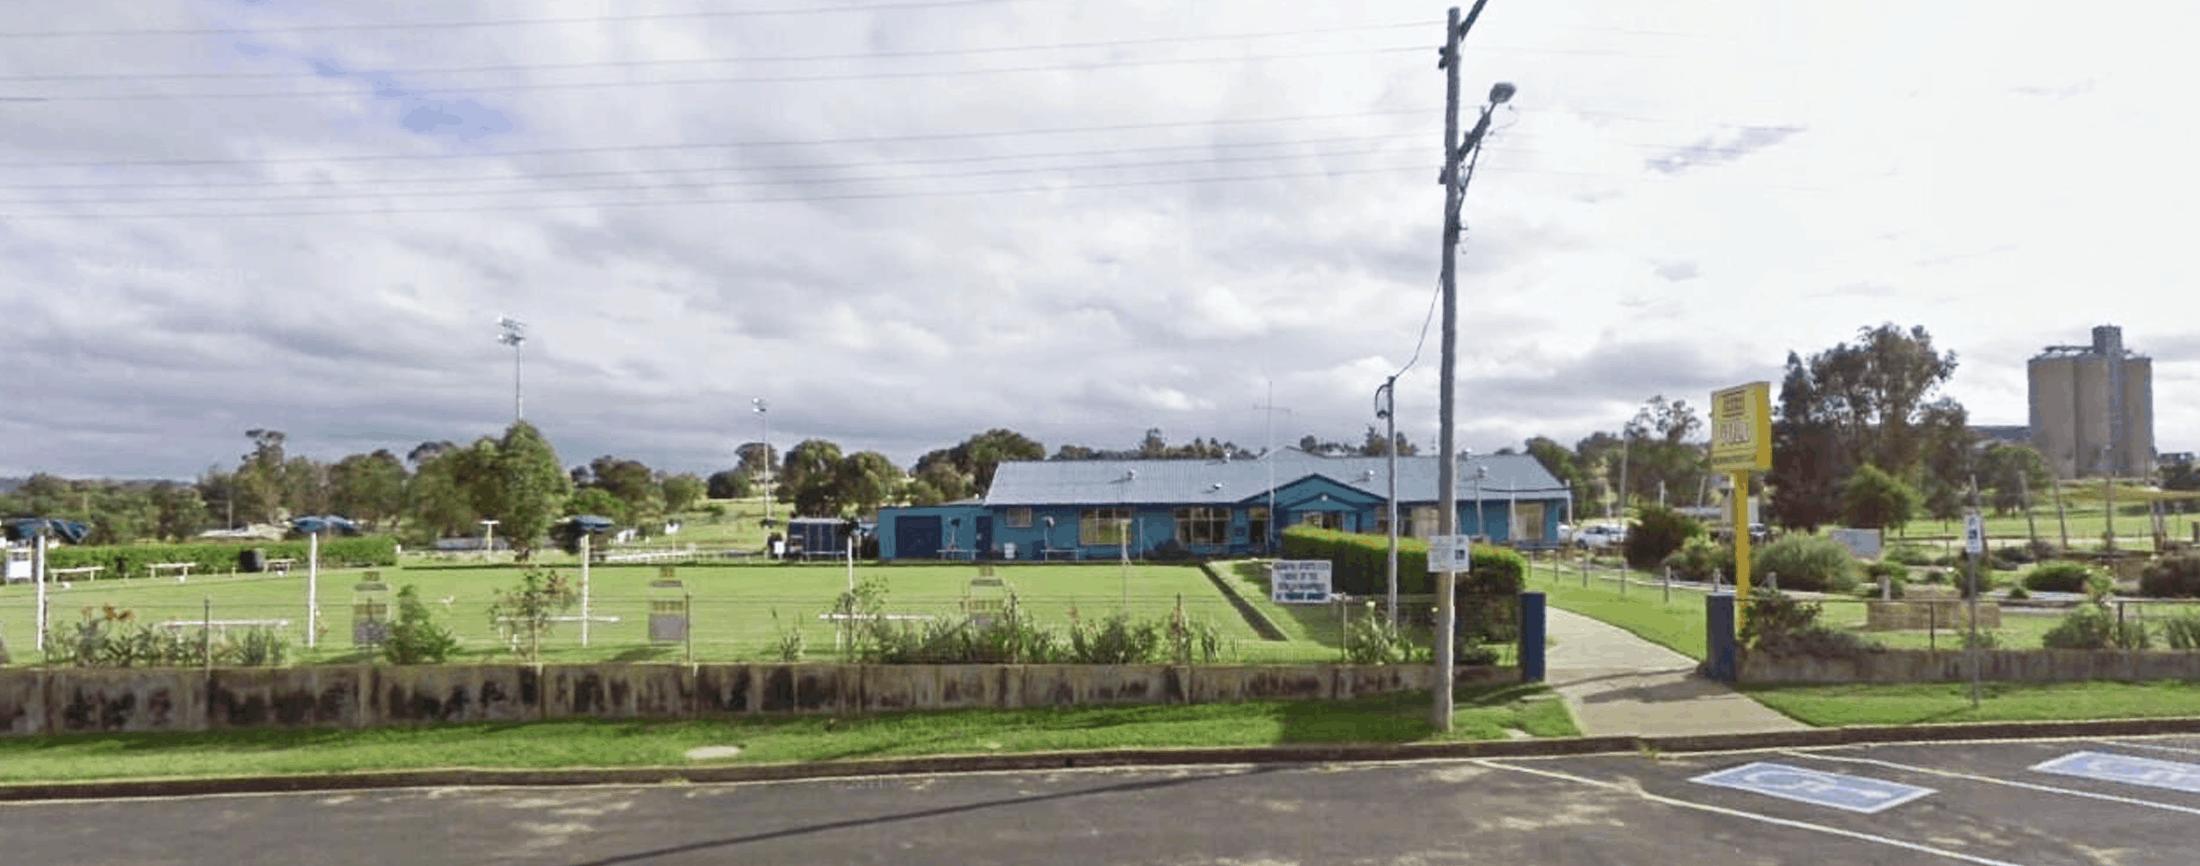 Merriwa Golf Club